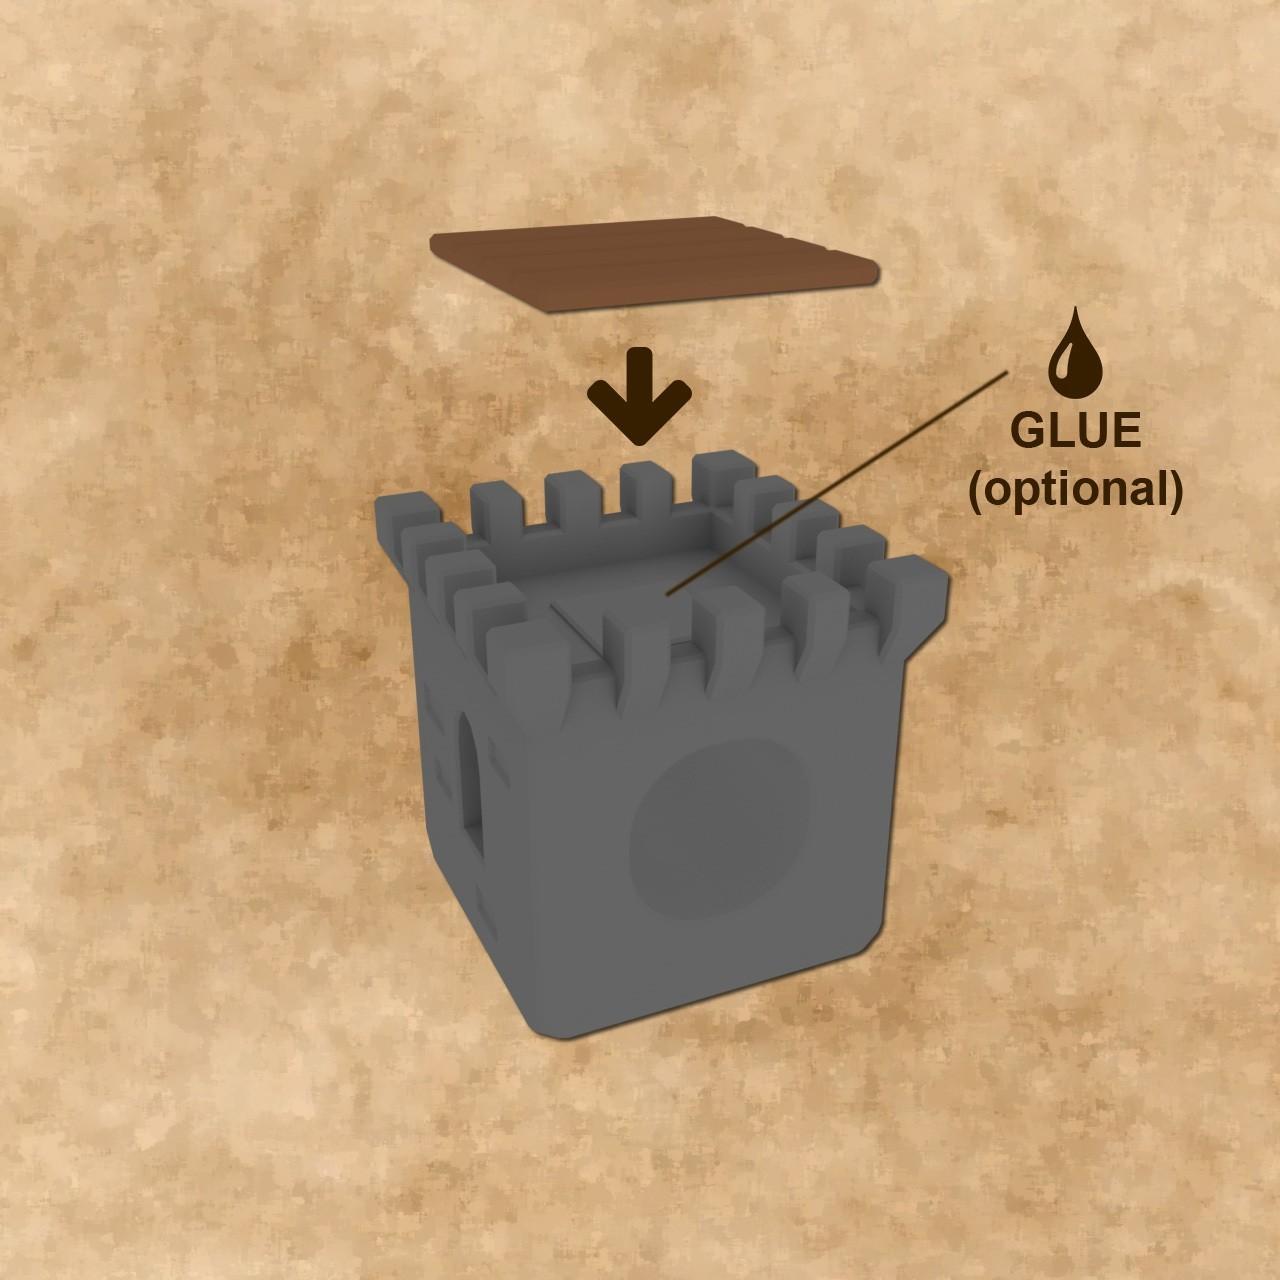 MarbleRunBlocks-MedievalCastlePack05.jpg Download STL file Marble Run Blocks - Medieval Castle pack • 3D printable template, Wabby